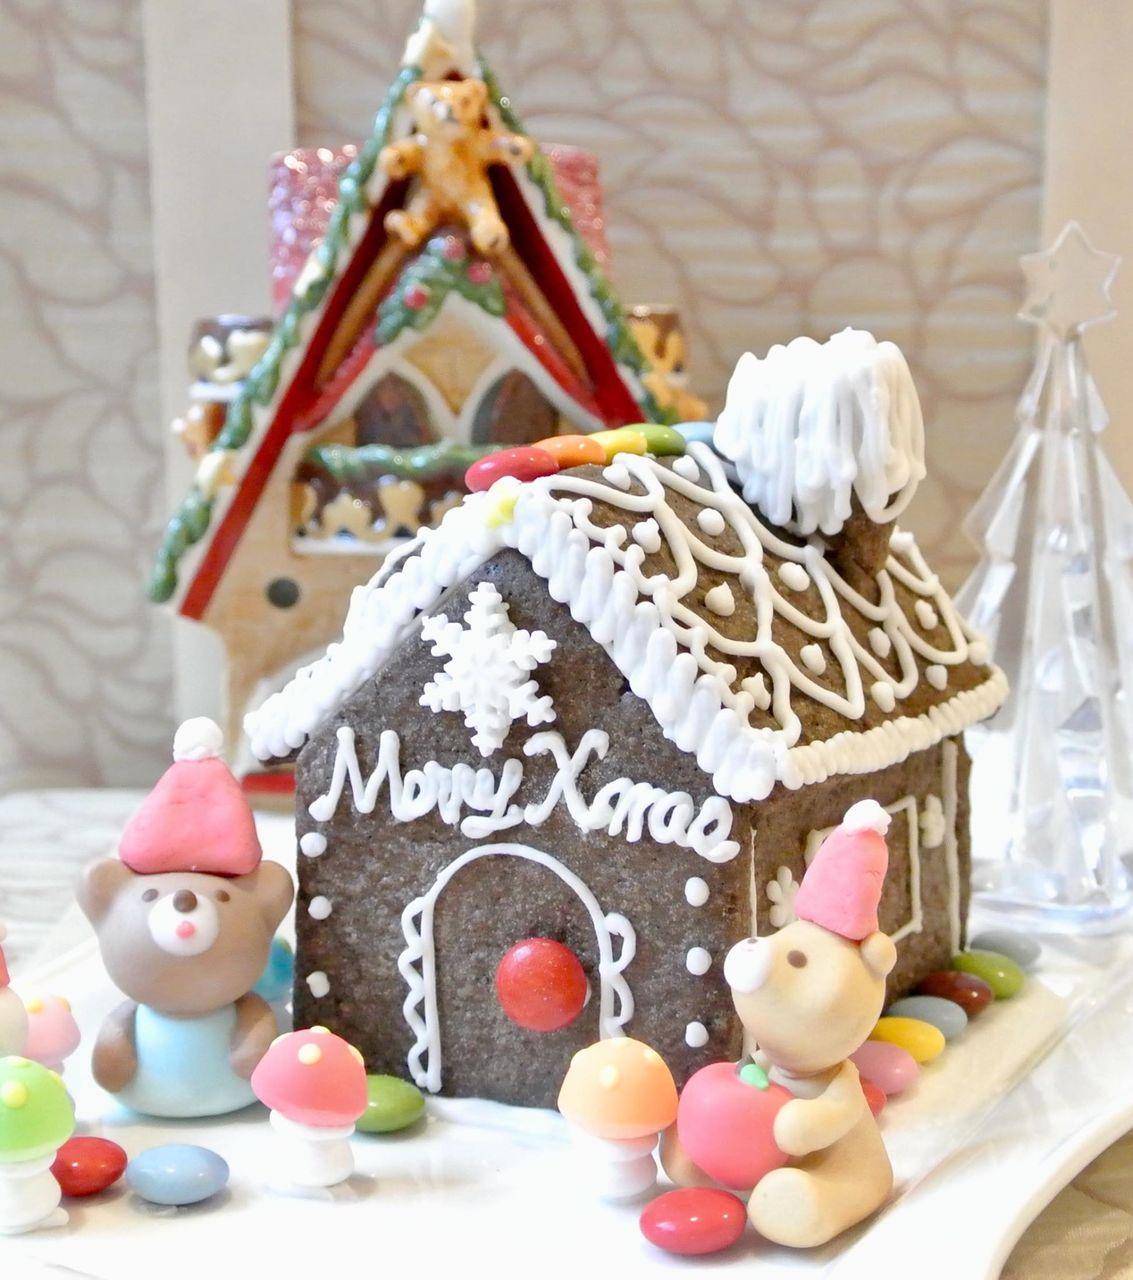 【厚木】クリスマスフードマーケット-ヘクセンハウス作り-|2019年12月15日(日)